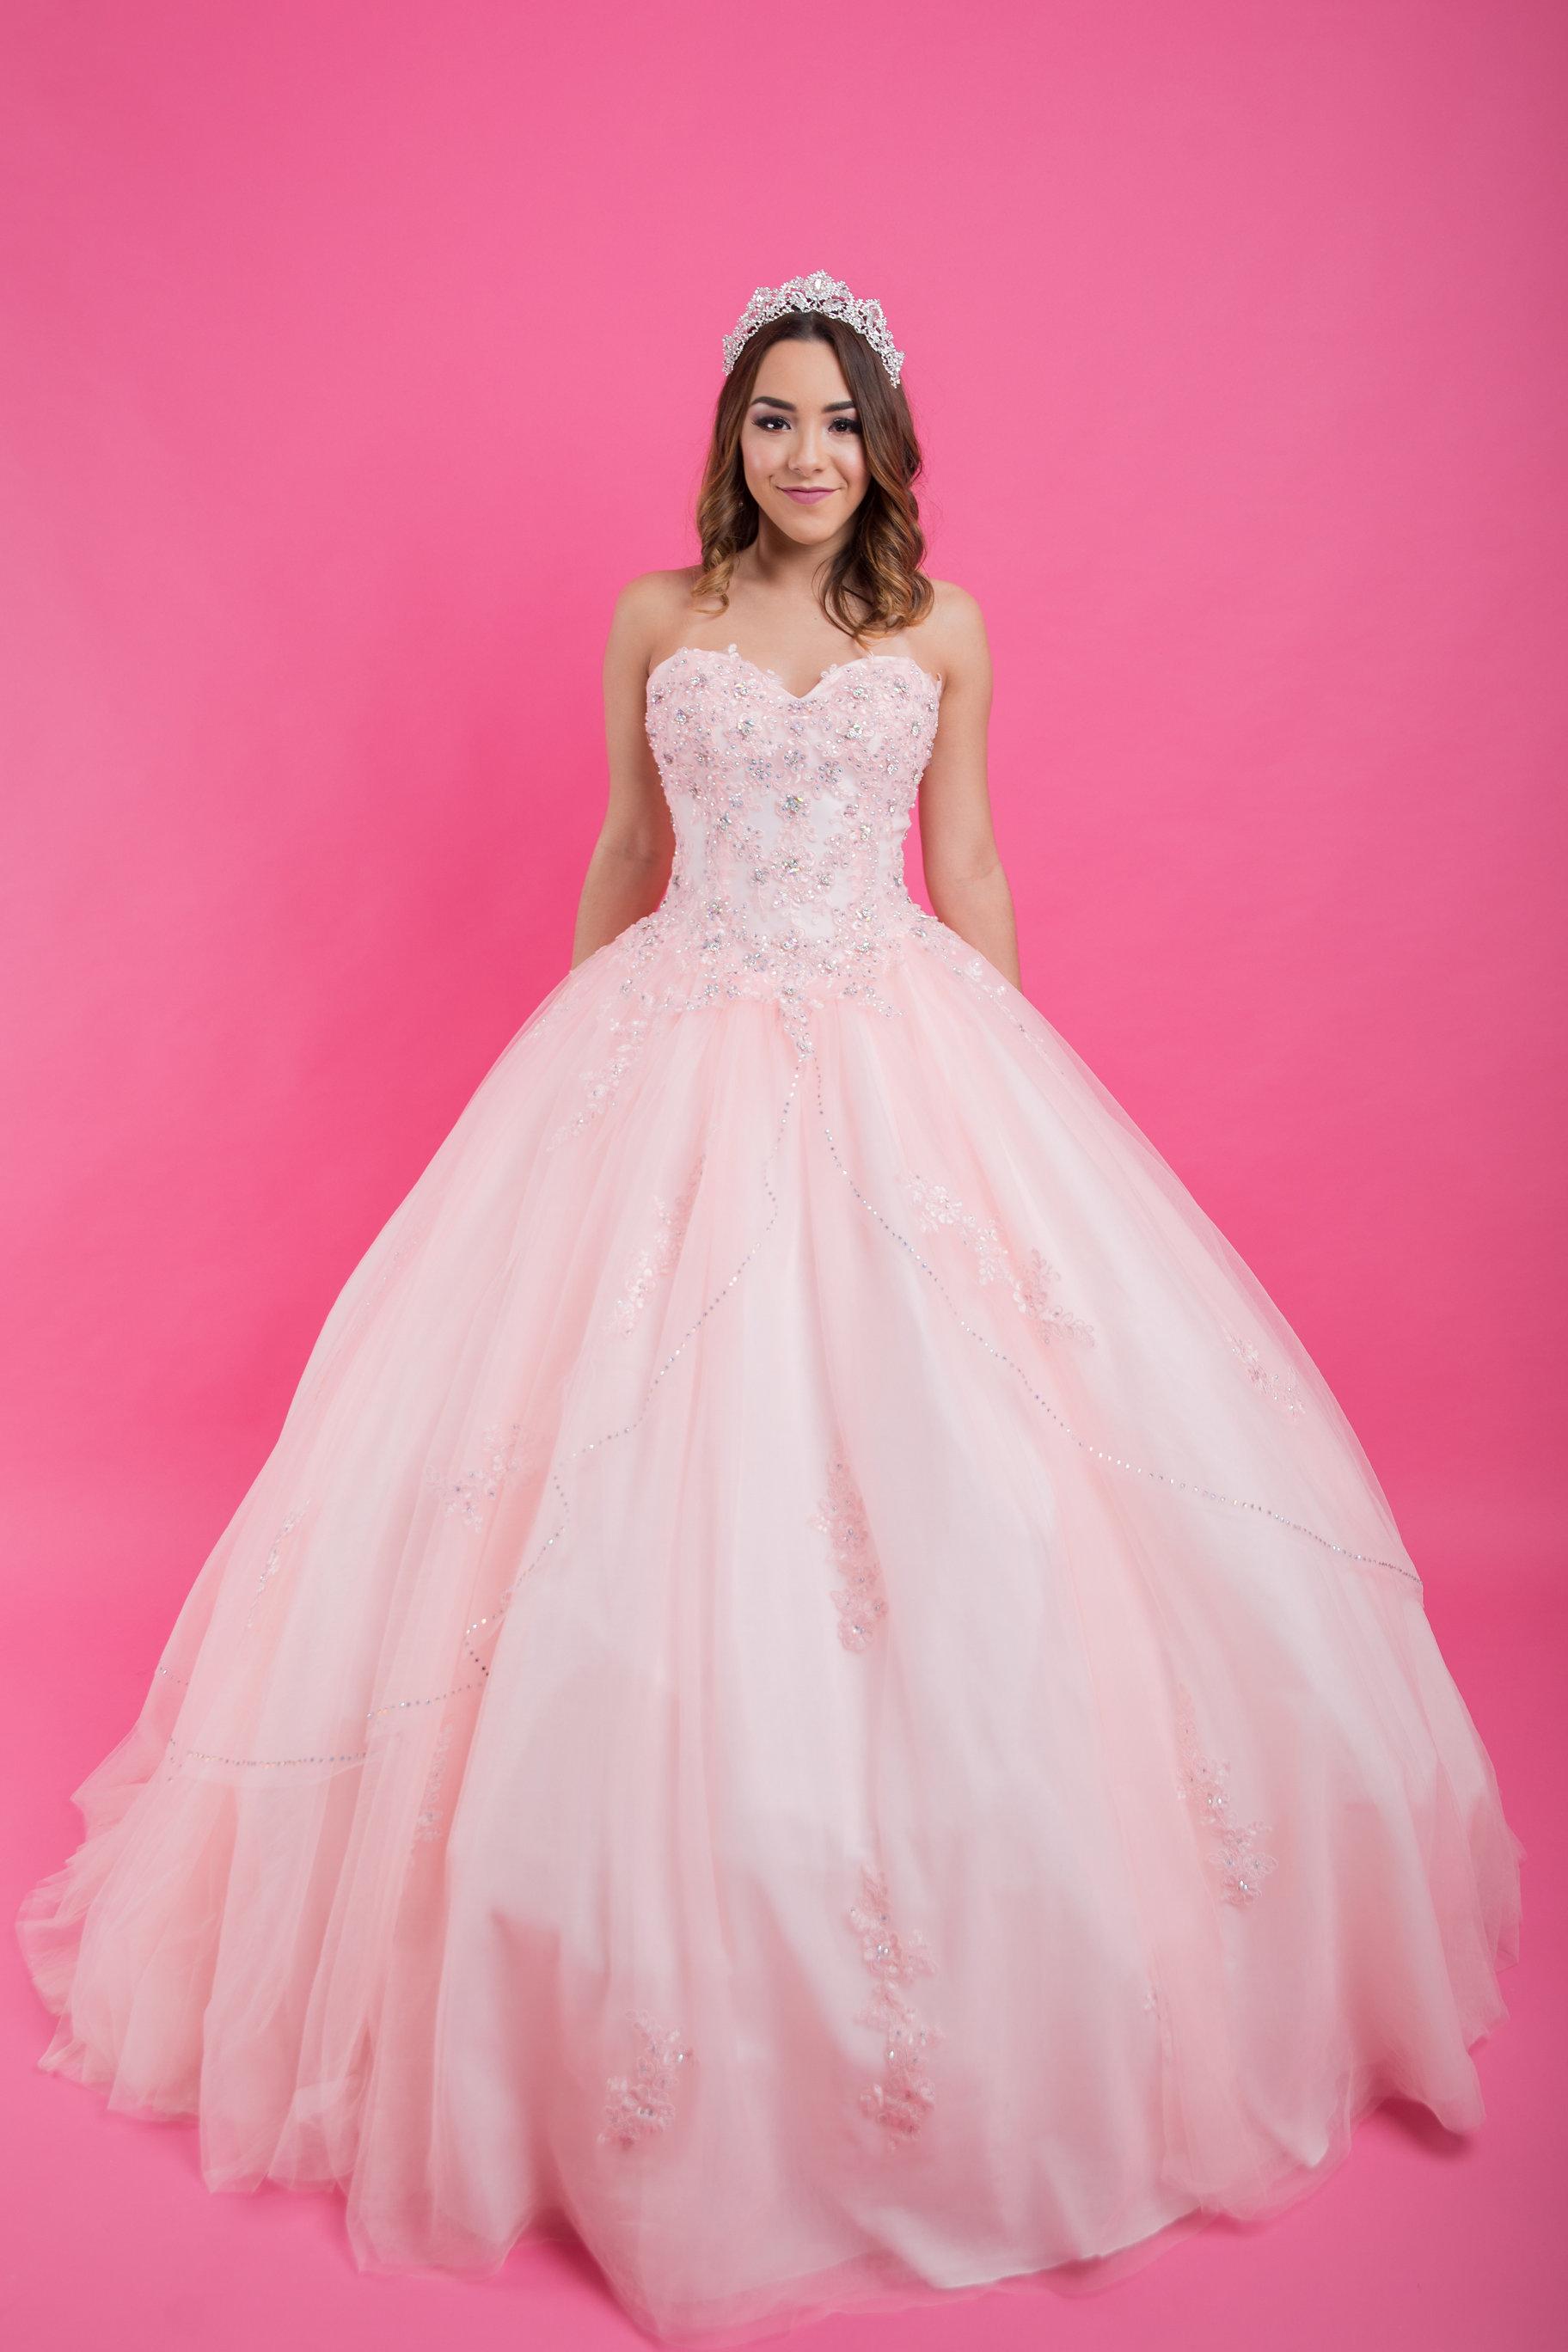 Hermosa Construir Vestido De Novia Embellecimiento - Colección del ...